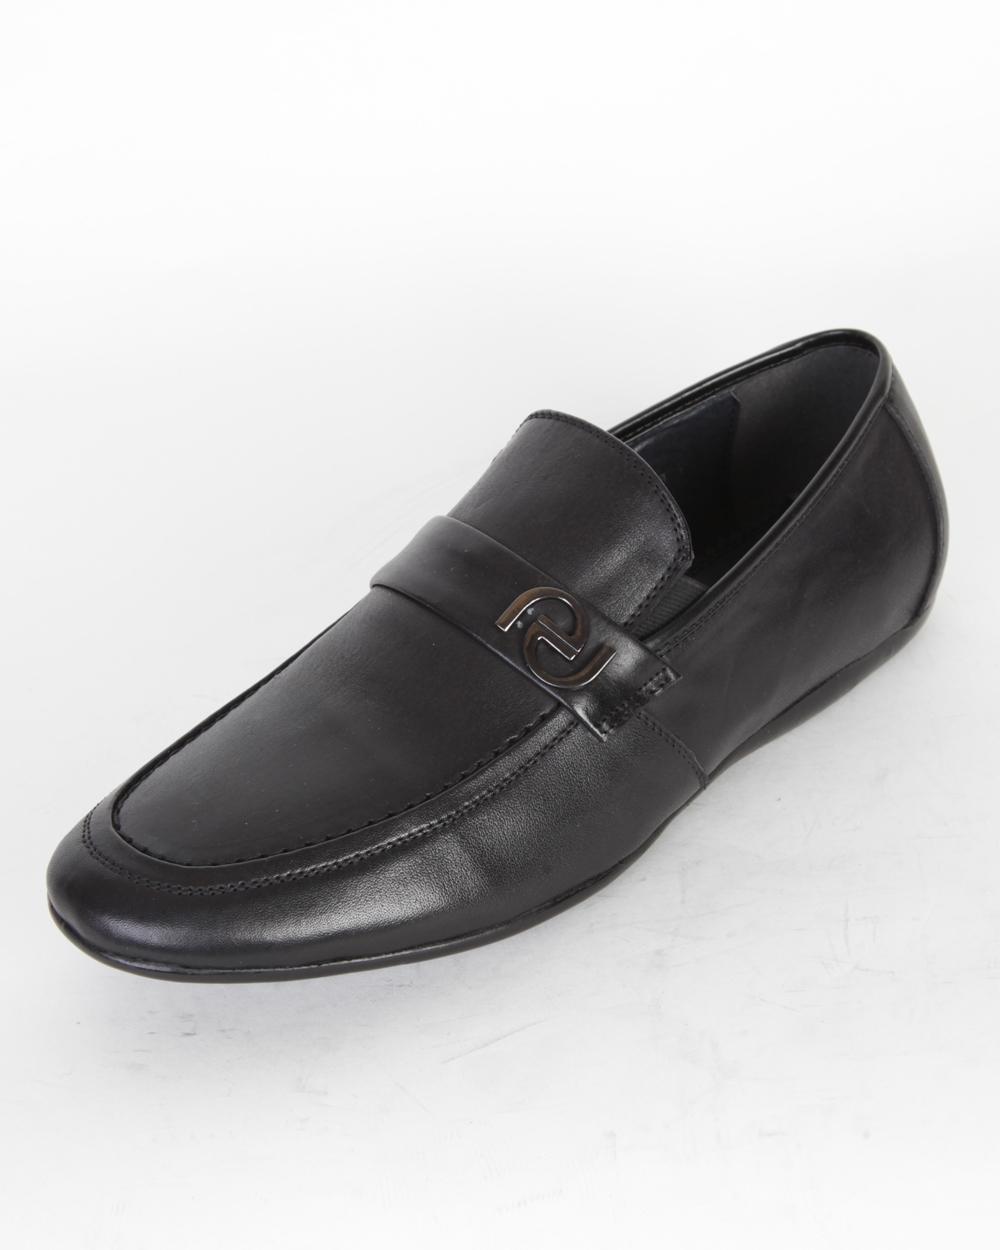 Мужские туфли во владикавказе